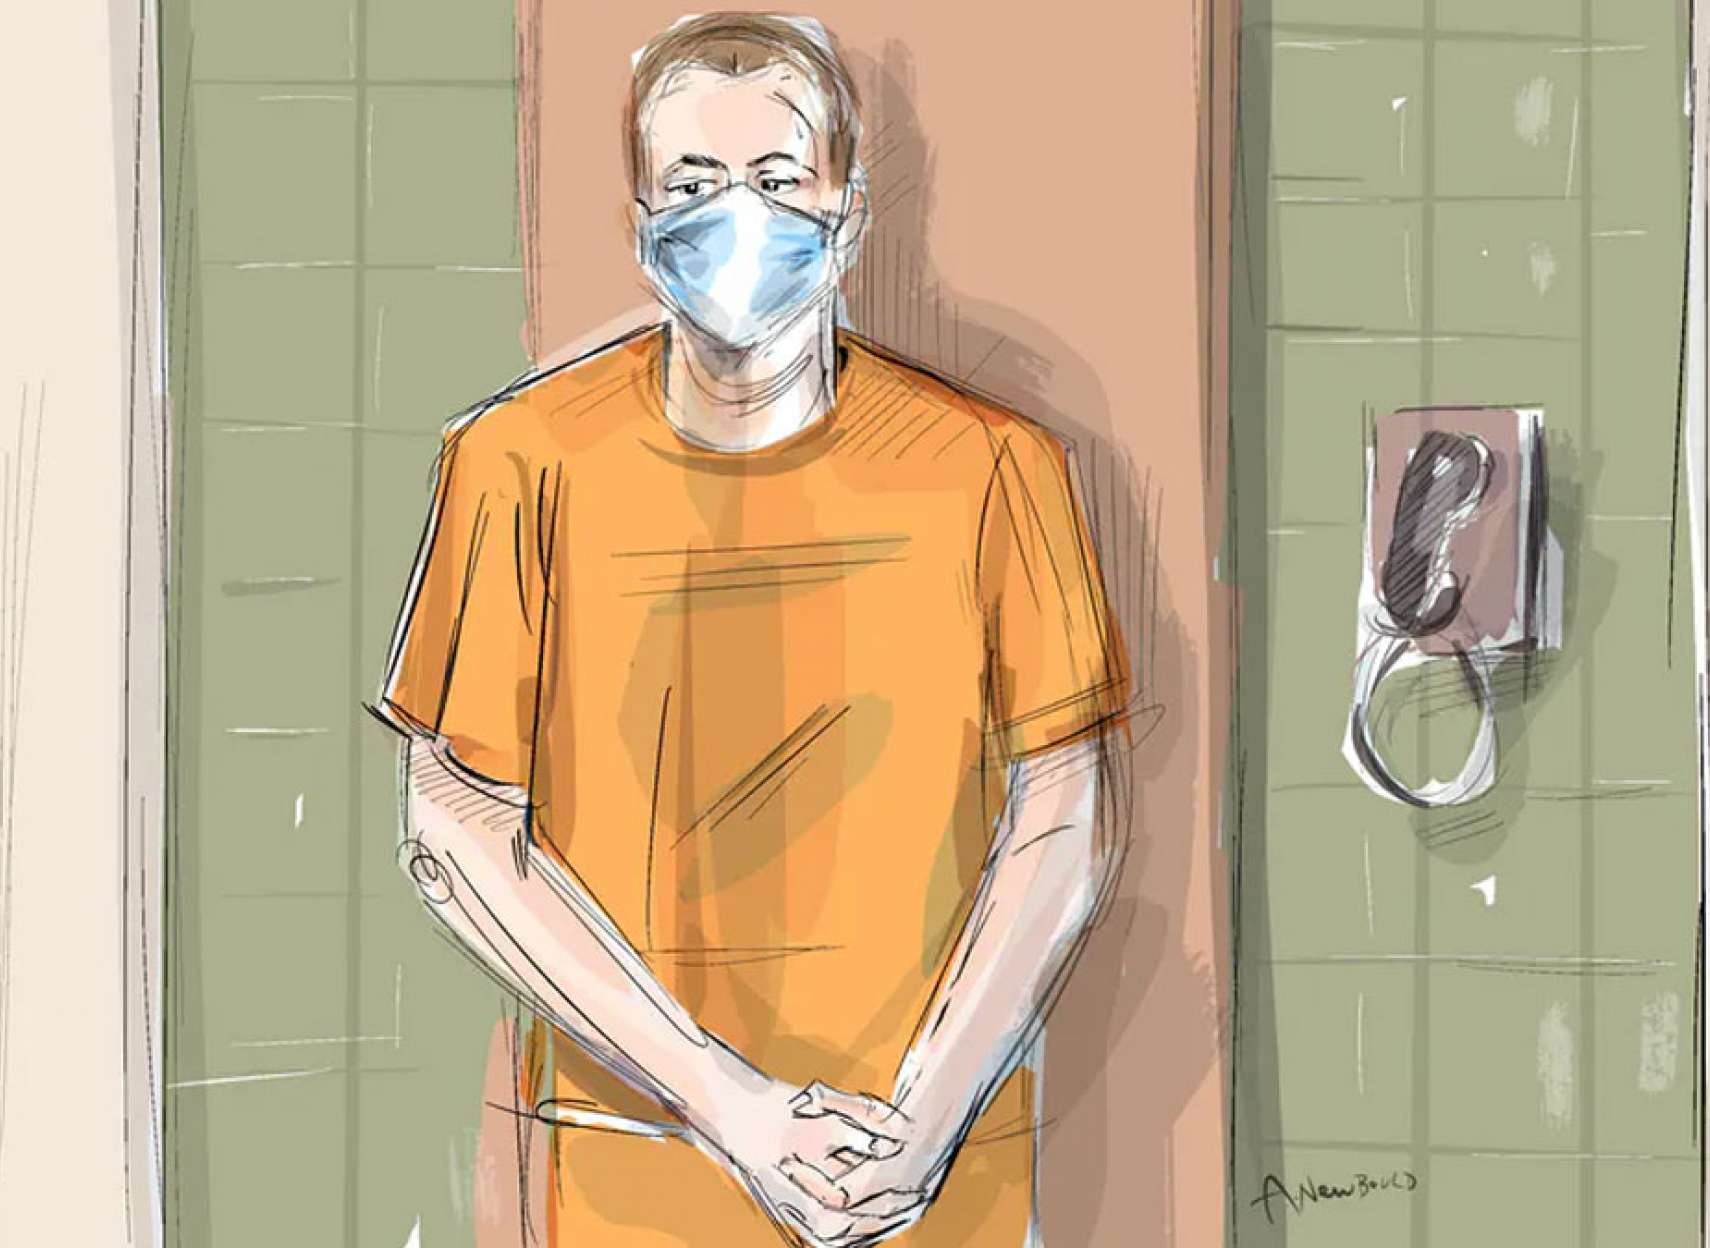 خبر-کانادا-سرانجام-ناتانیل-ولتمن-در-دادگاه-کانادا-حاضر-و-متهم-به-ترور-شد